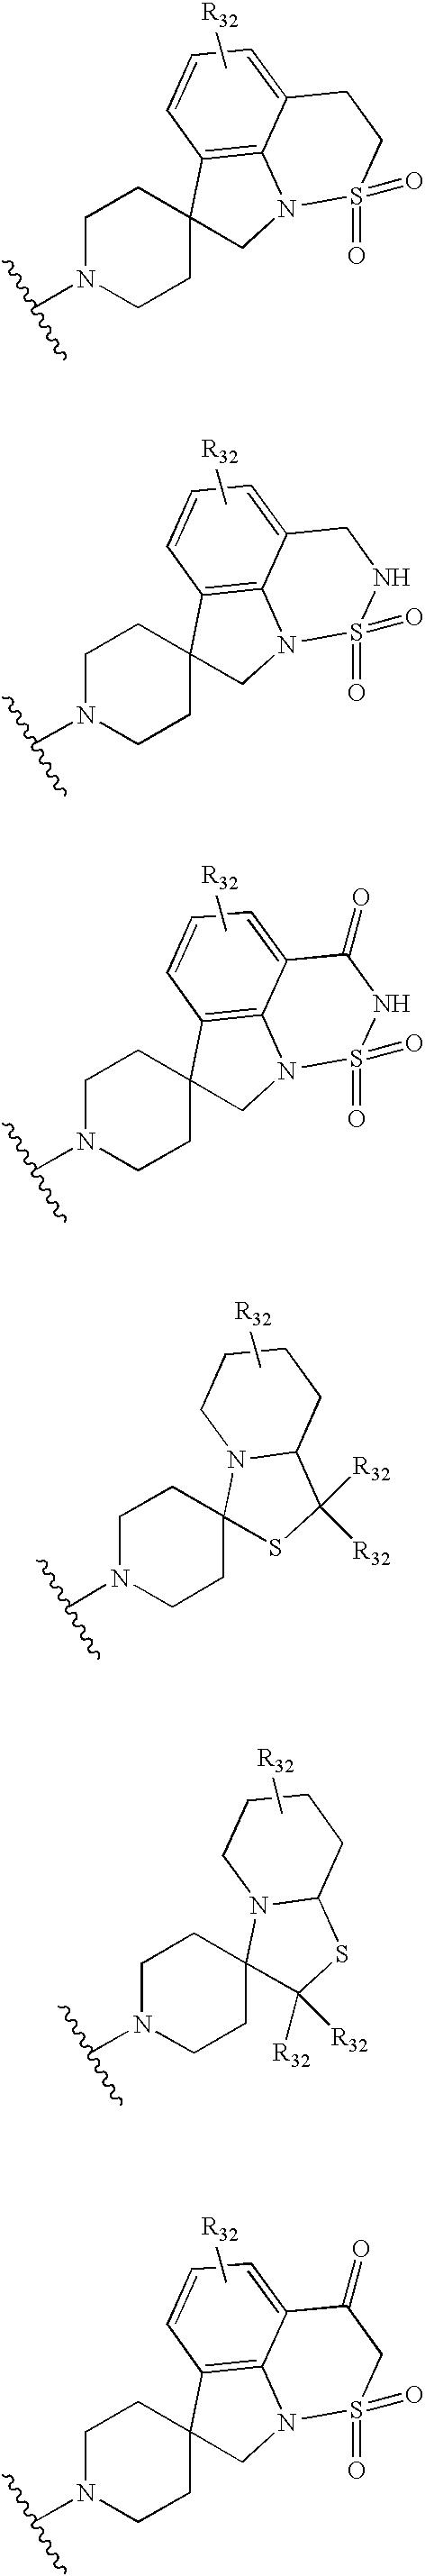 Figure US07067525-20060627-C00009